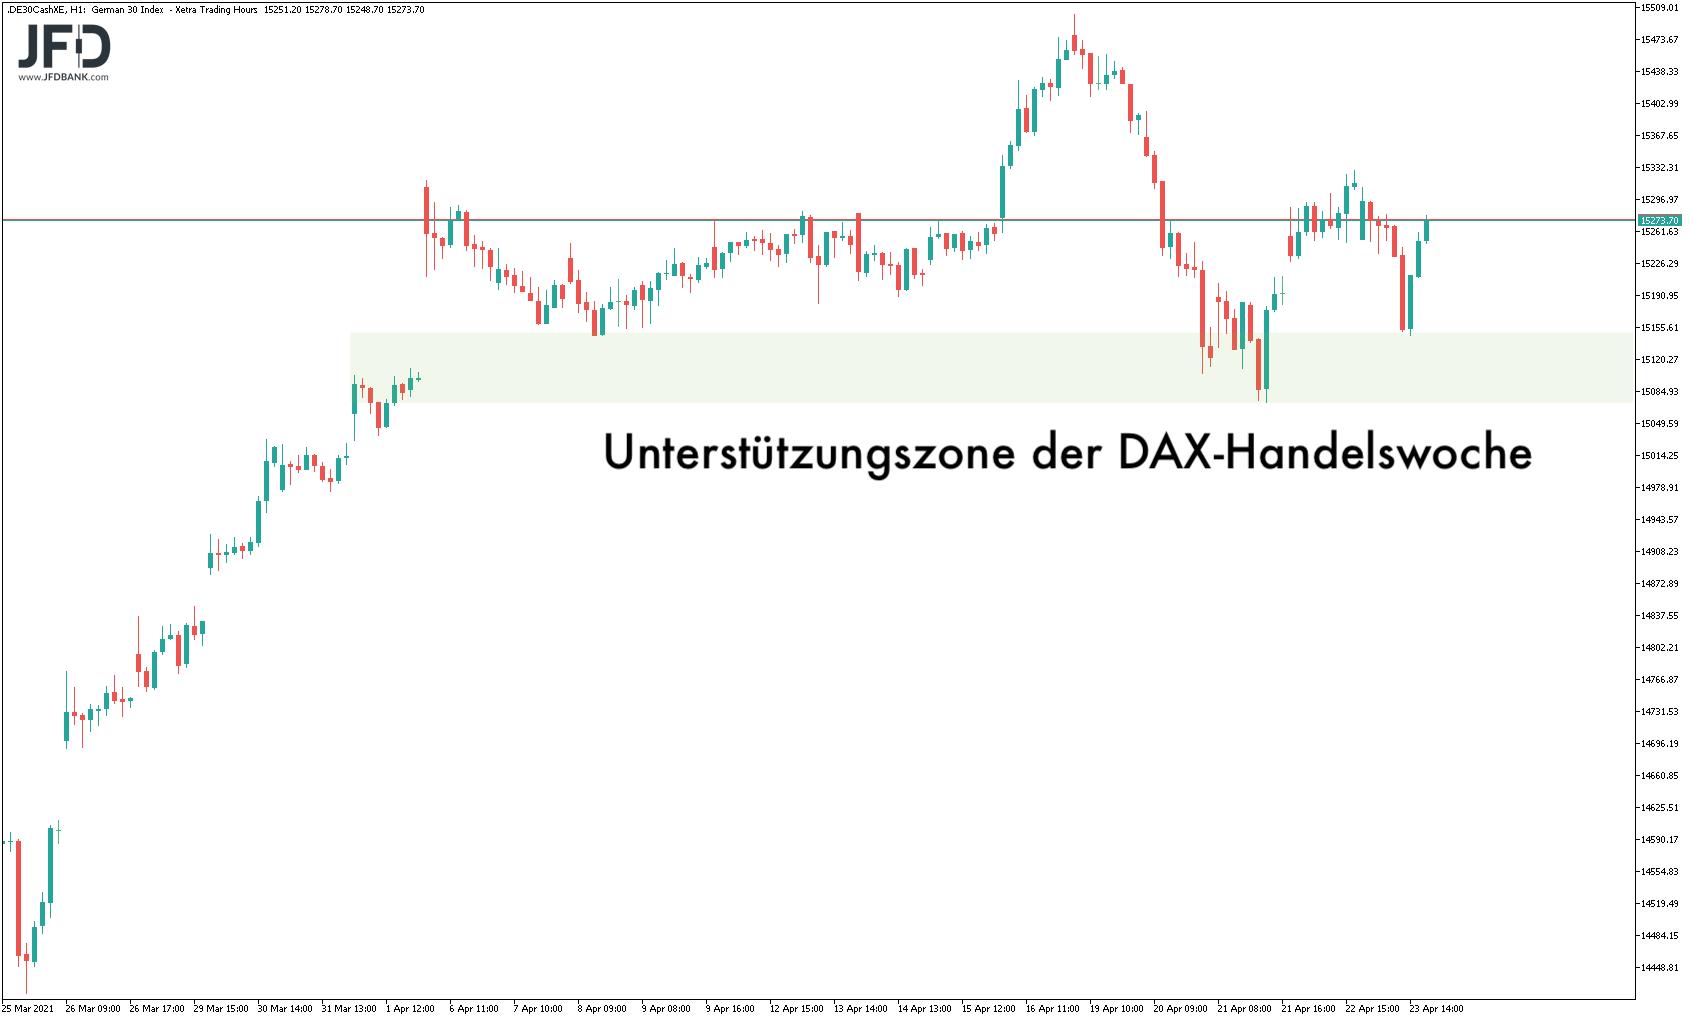 DAX-Handelswoche mit Unterstützung